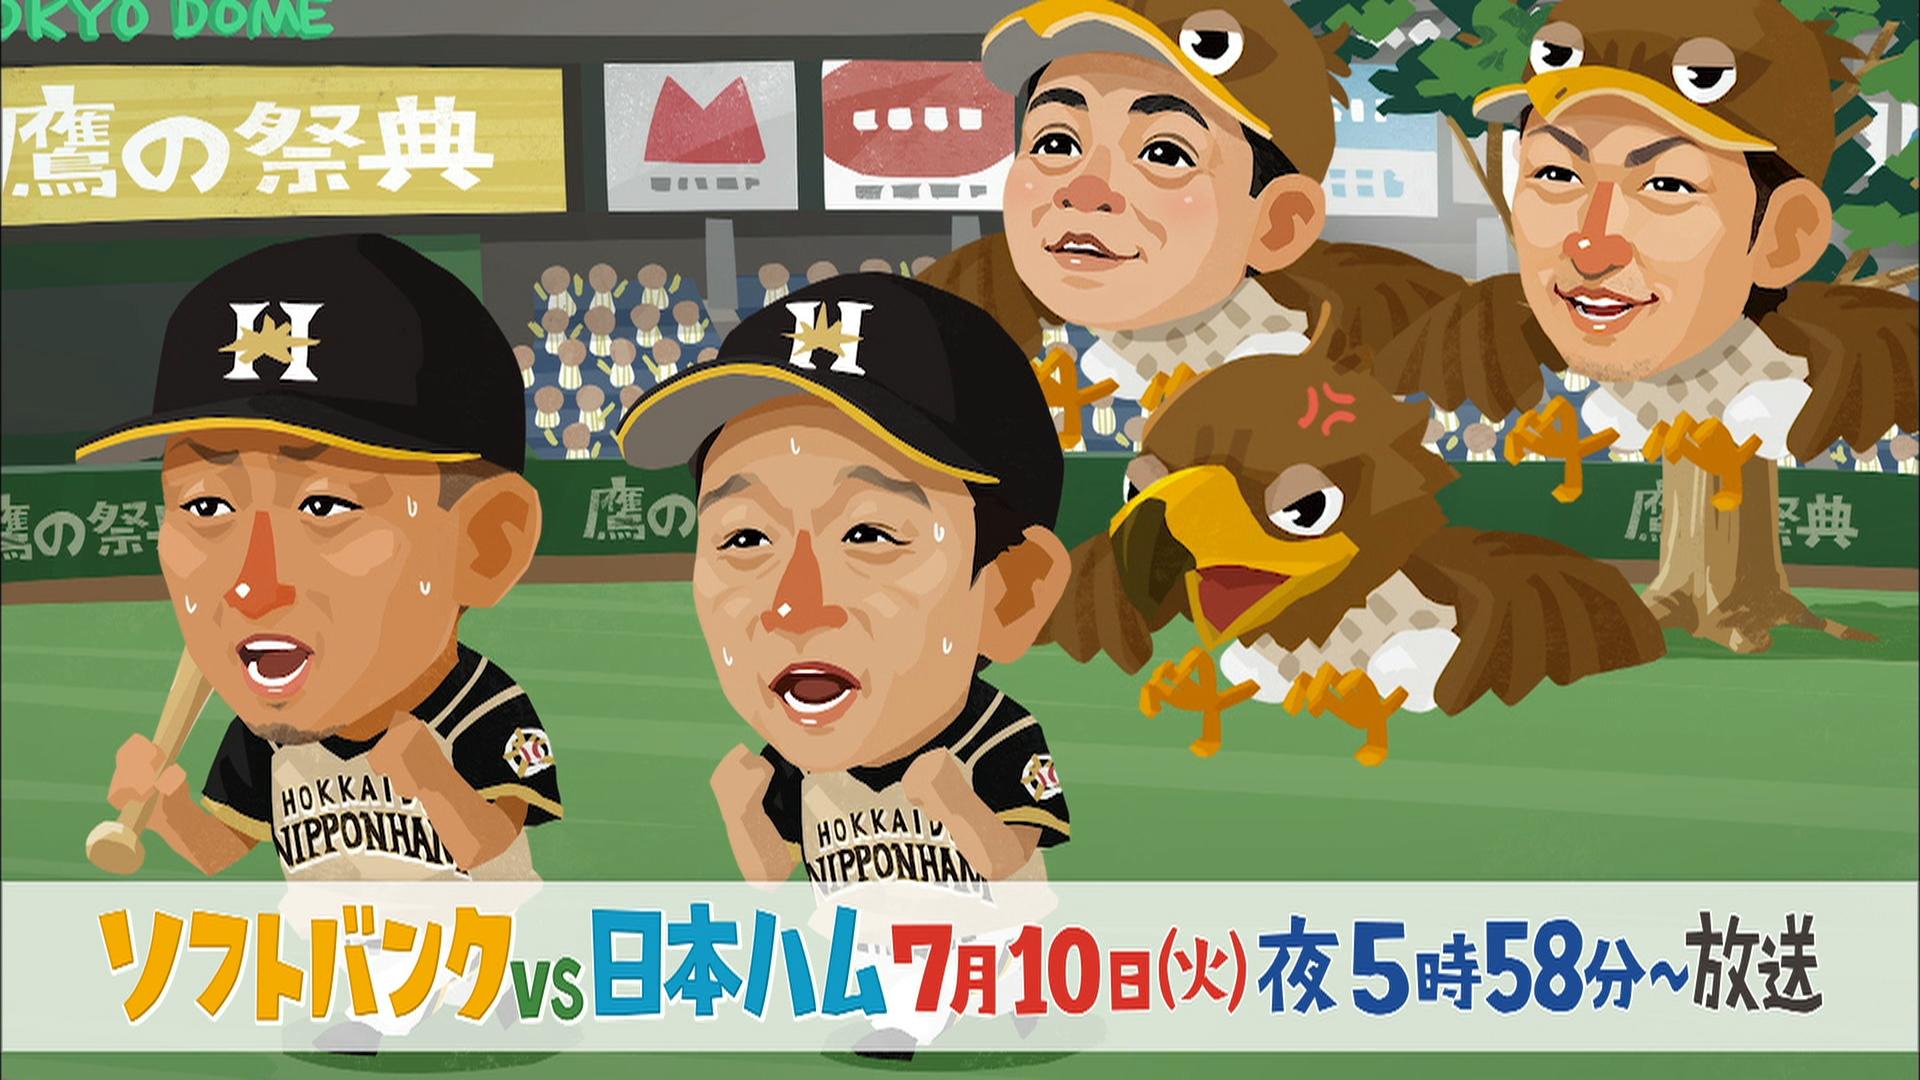 プロ野球 福岡ソフトバンクホークス×北海道日本ハムファイターズ